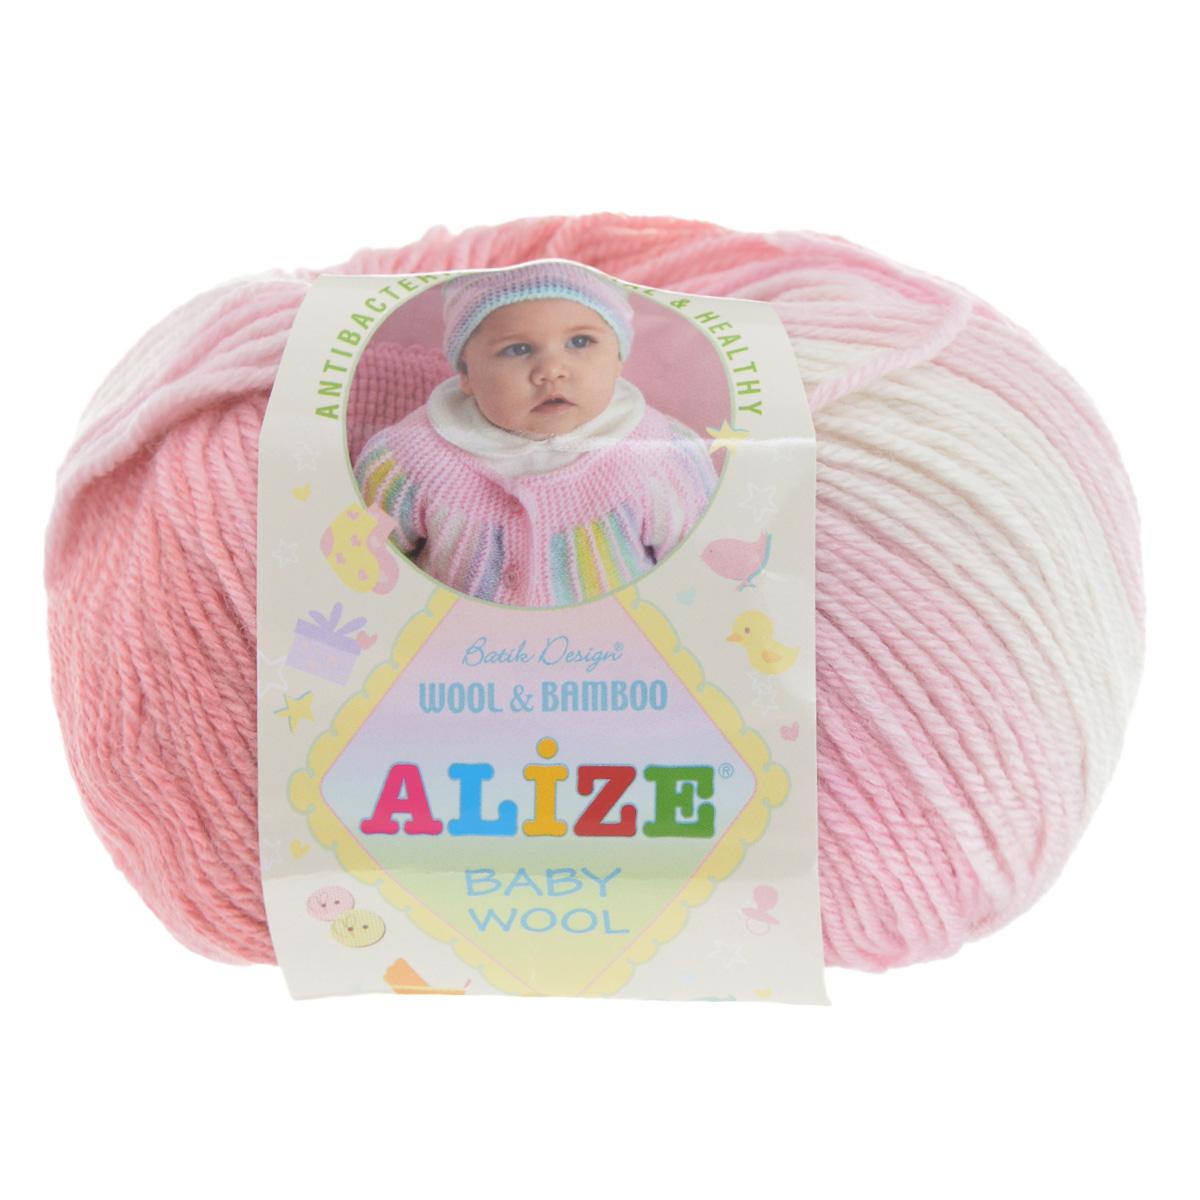 Пряжа для вязания Alize Baby Wool, цвет: розовый, белый (3), 175 м, 50 г, 10 шт372104_3Детская пряжа для вязания Baby Wool изготовлена из очень мягкой и высококачественной натуральной шерсти и бамбука. Из пряжи Baby Wool получается тонкий, но очень теплый трикотаж для ребенка. Мягкая и красивая нить в процессе вязания превращается в оригинальный узор. Акрил в составе нитей допускает легкую машинную стирку вещей. Цветовая палитра включает в себя цветовые комбинации, которые подходят как для мальчиков, так и для девочек. Комплектация: 10 мотков. Состав: 40% шерсть, 40% акрил, 20% бамбук.